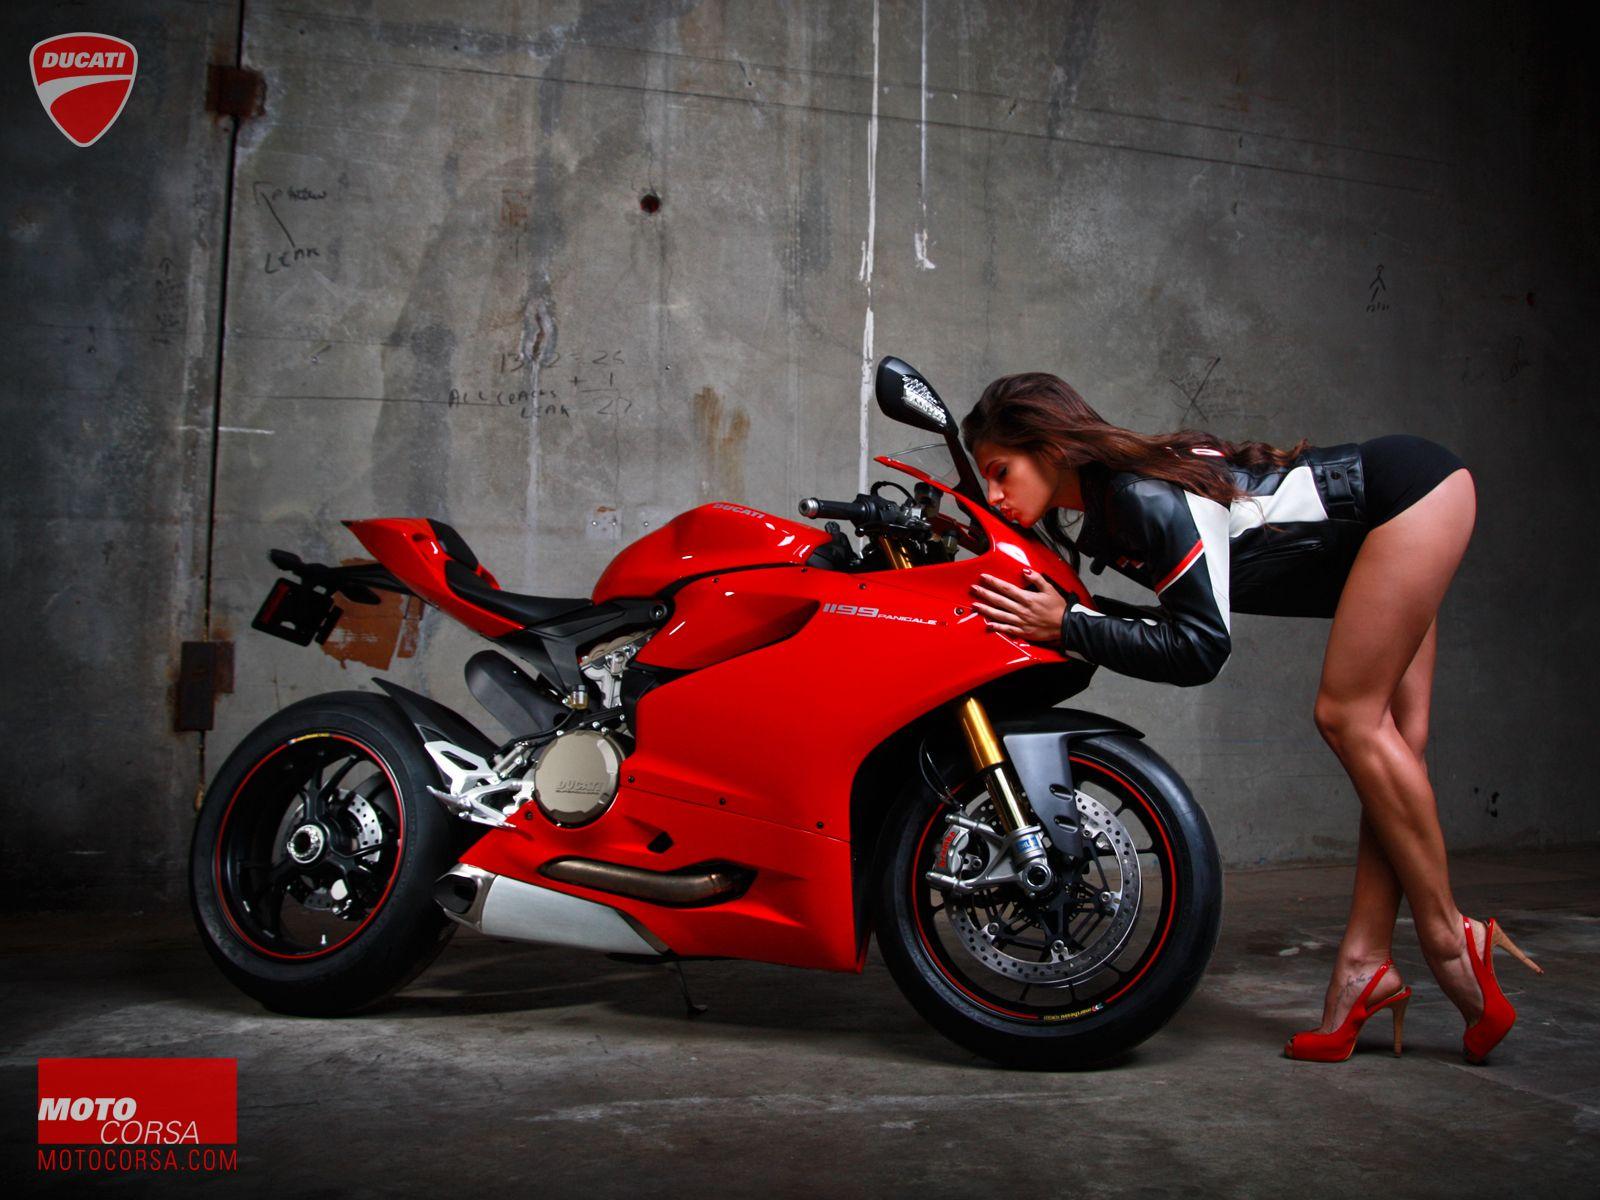 Motorcycle Girl 056 Seducative Redux Ducati Motorcycle Sport